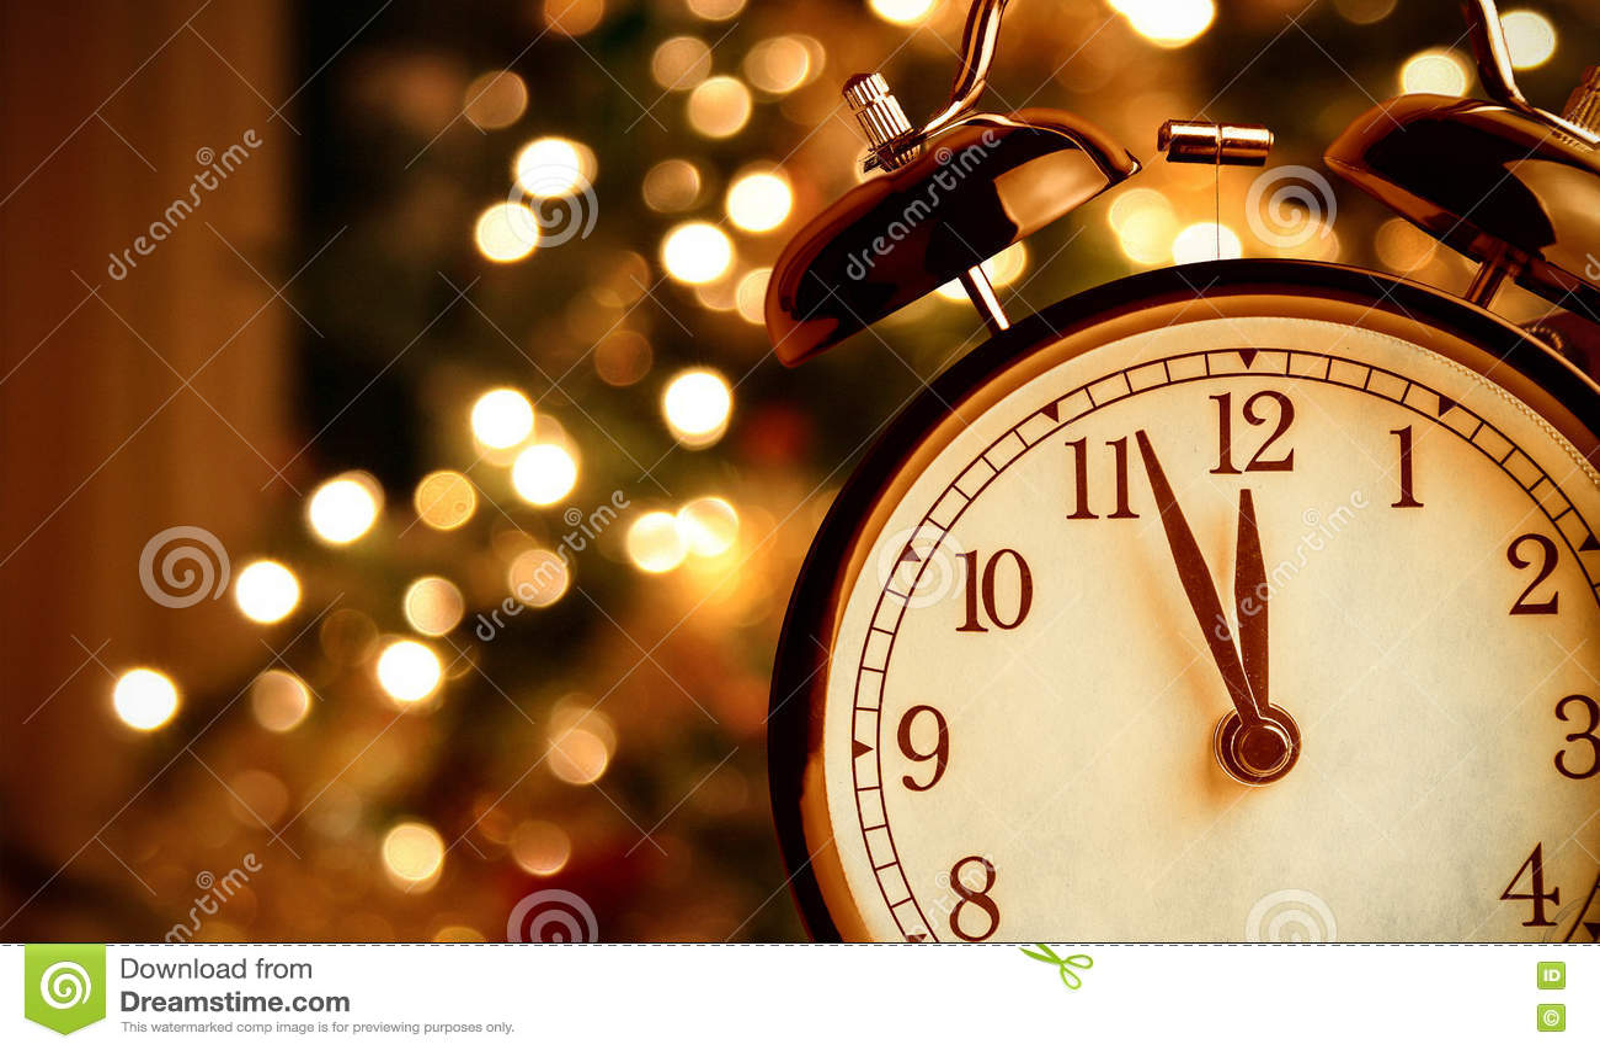 Está Despertador El Del Es Vintage Reloj Medianoche Mostrando c4L5A3qjR